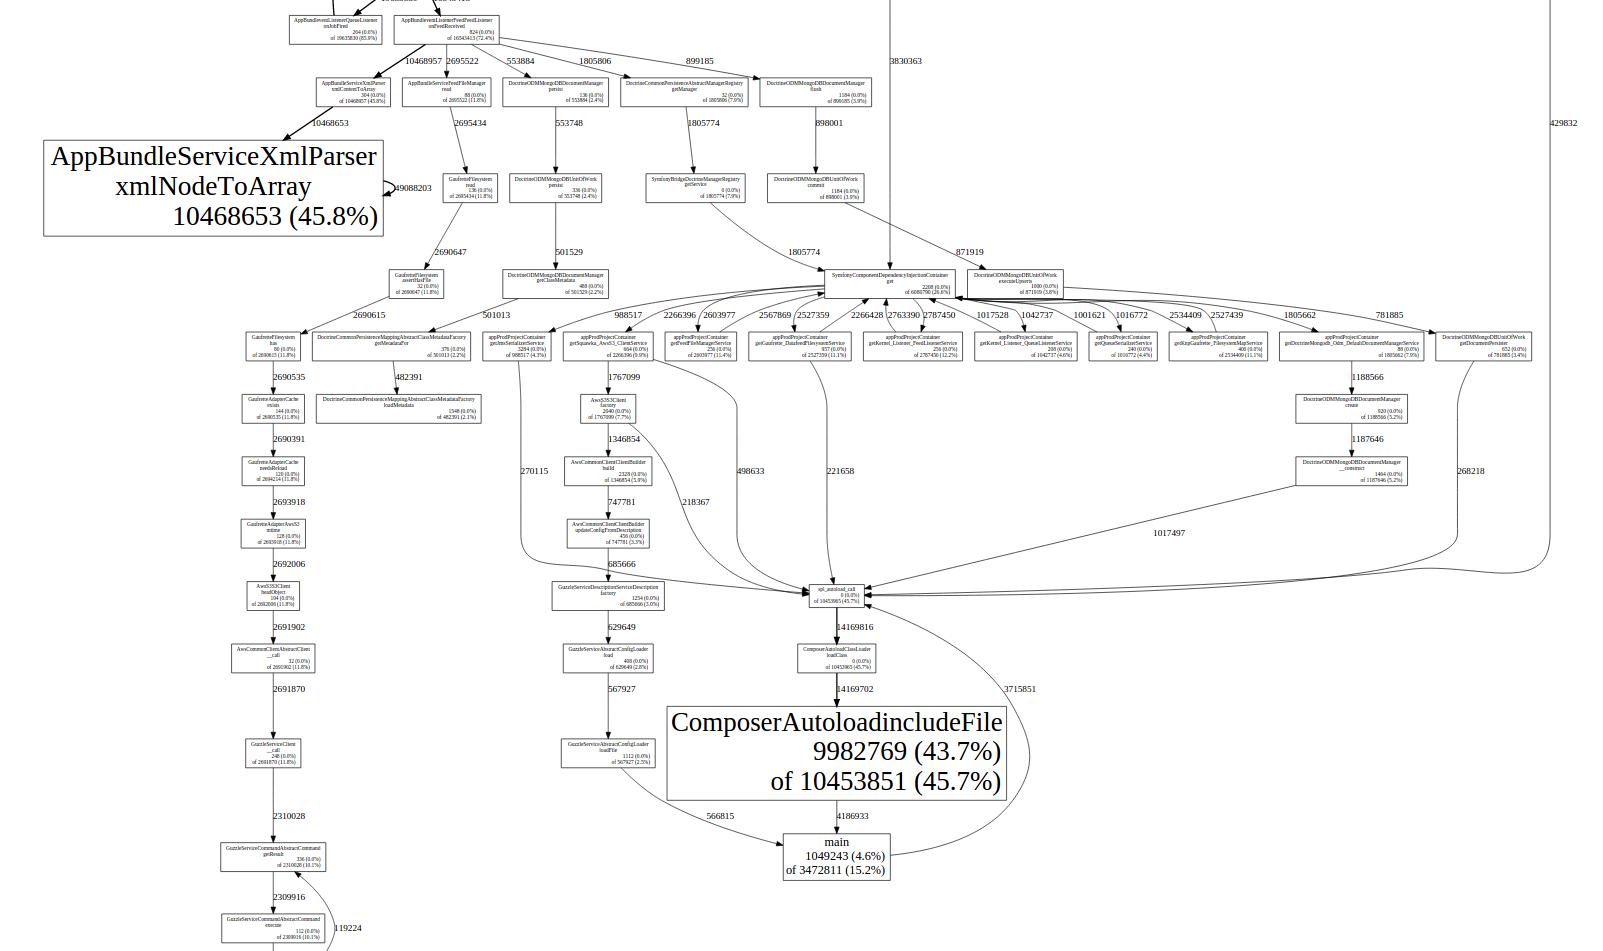 pprof call-graph screenshot